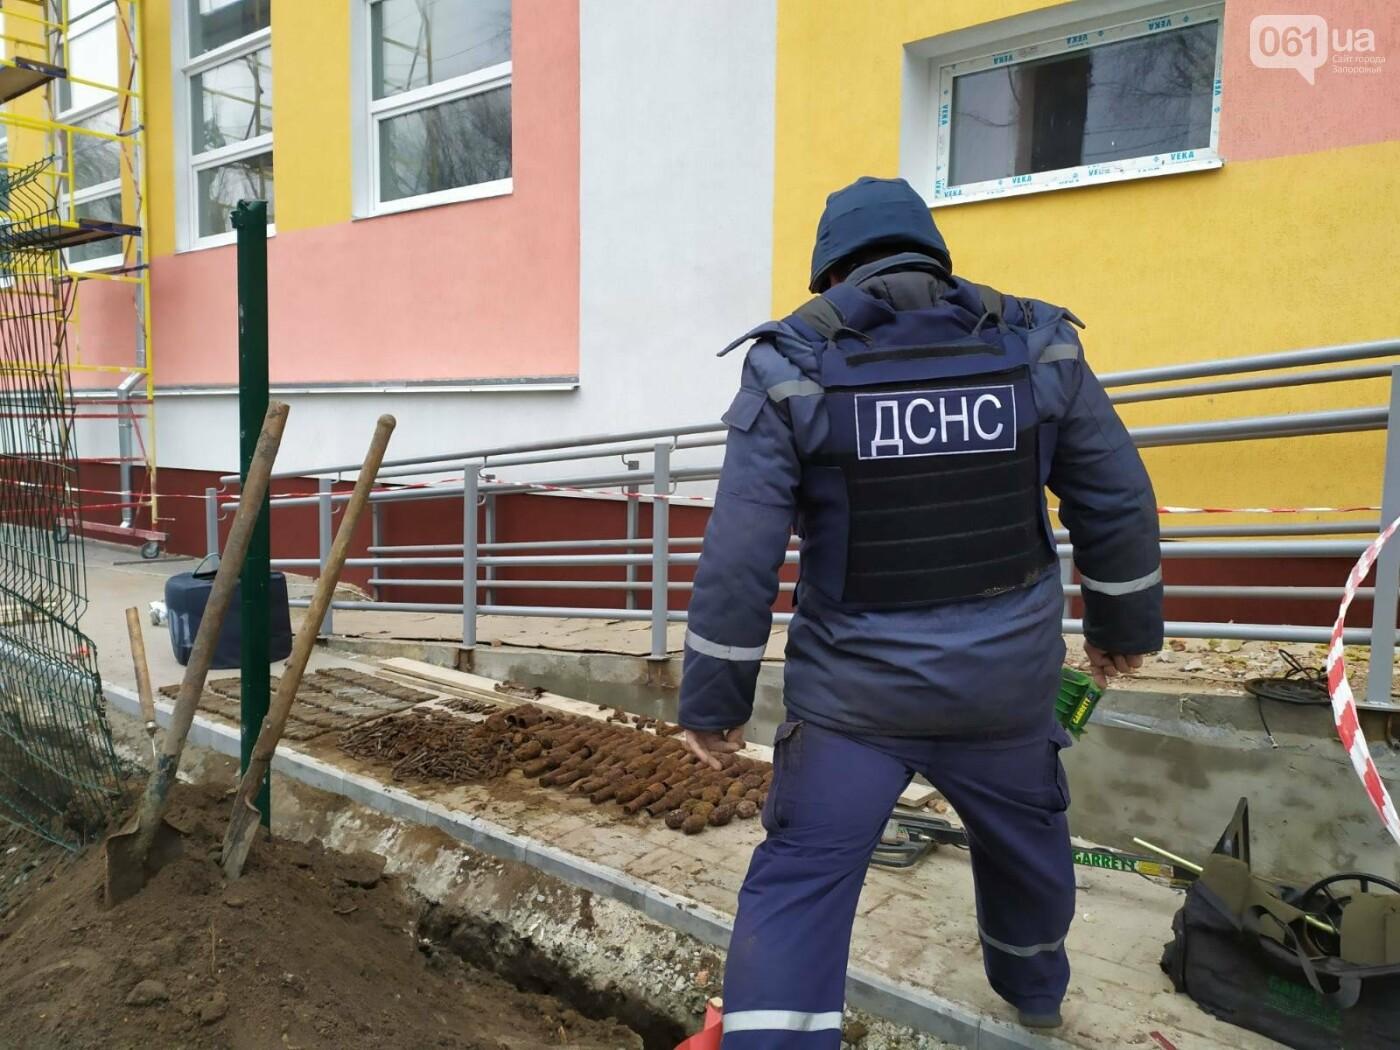 Нa территории ореховской школы нашли около сотни взрывоопасных предметов , фото-4